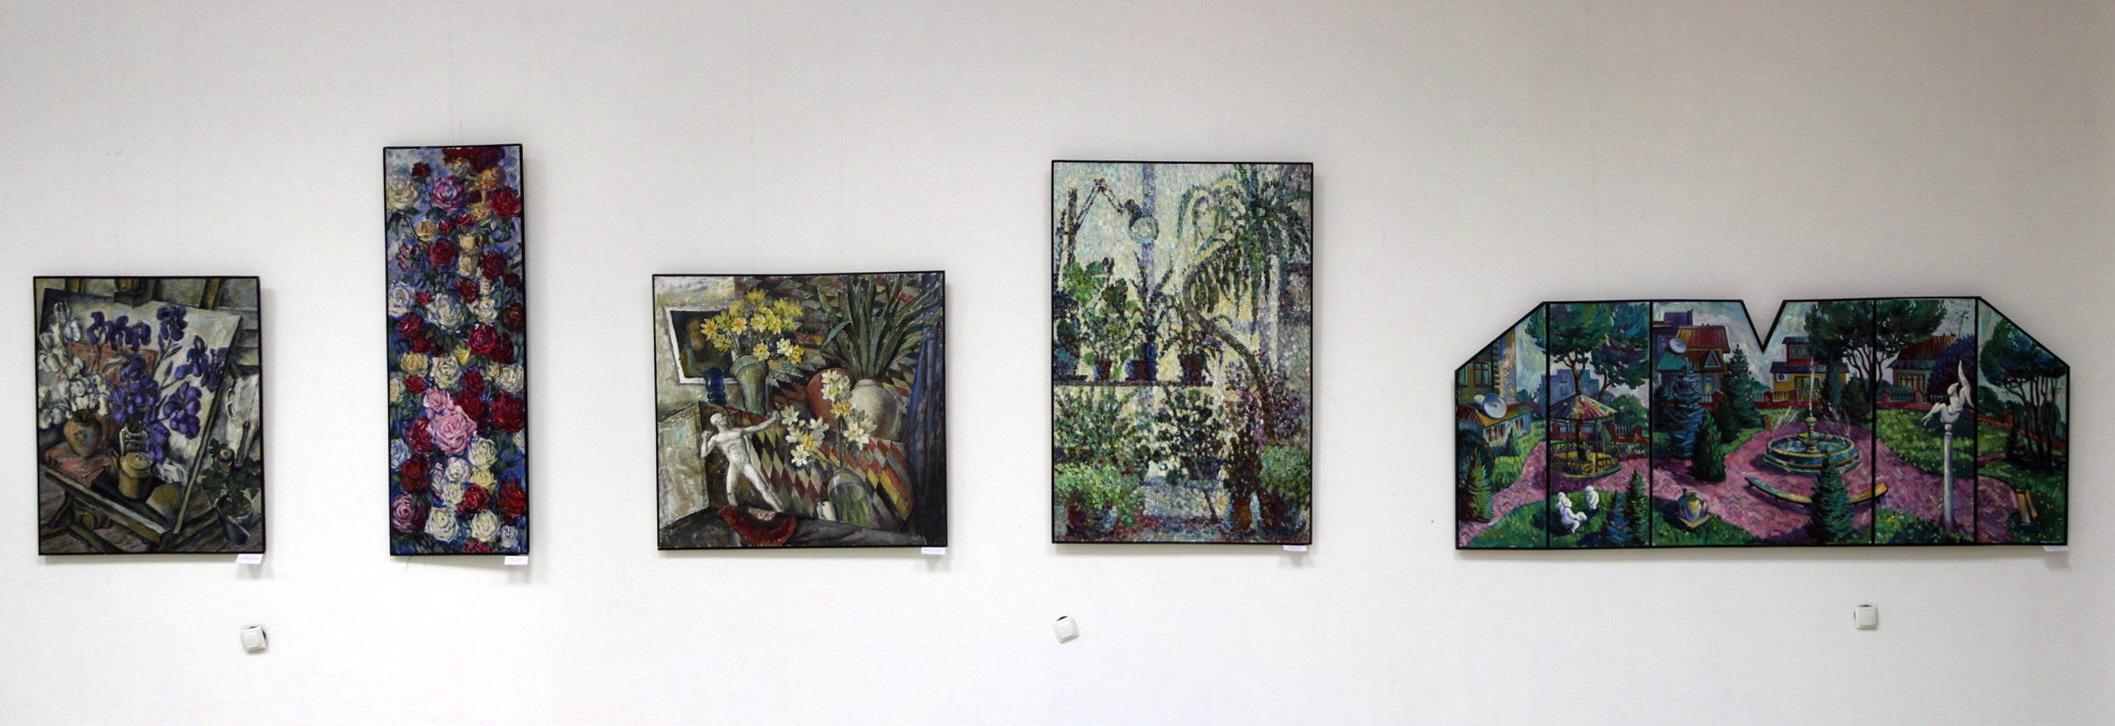 Экспозиция картин.